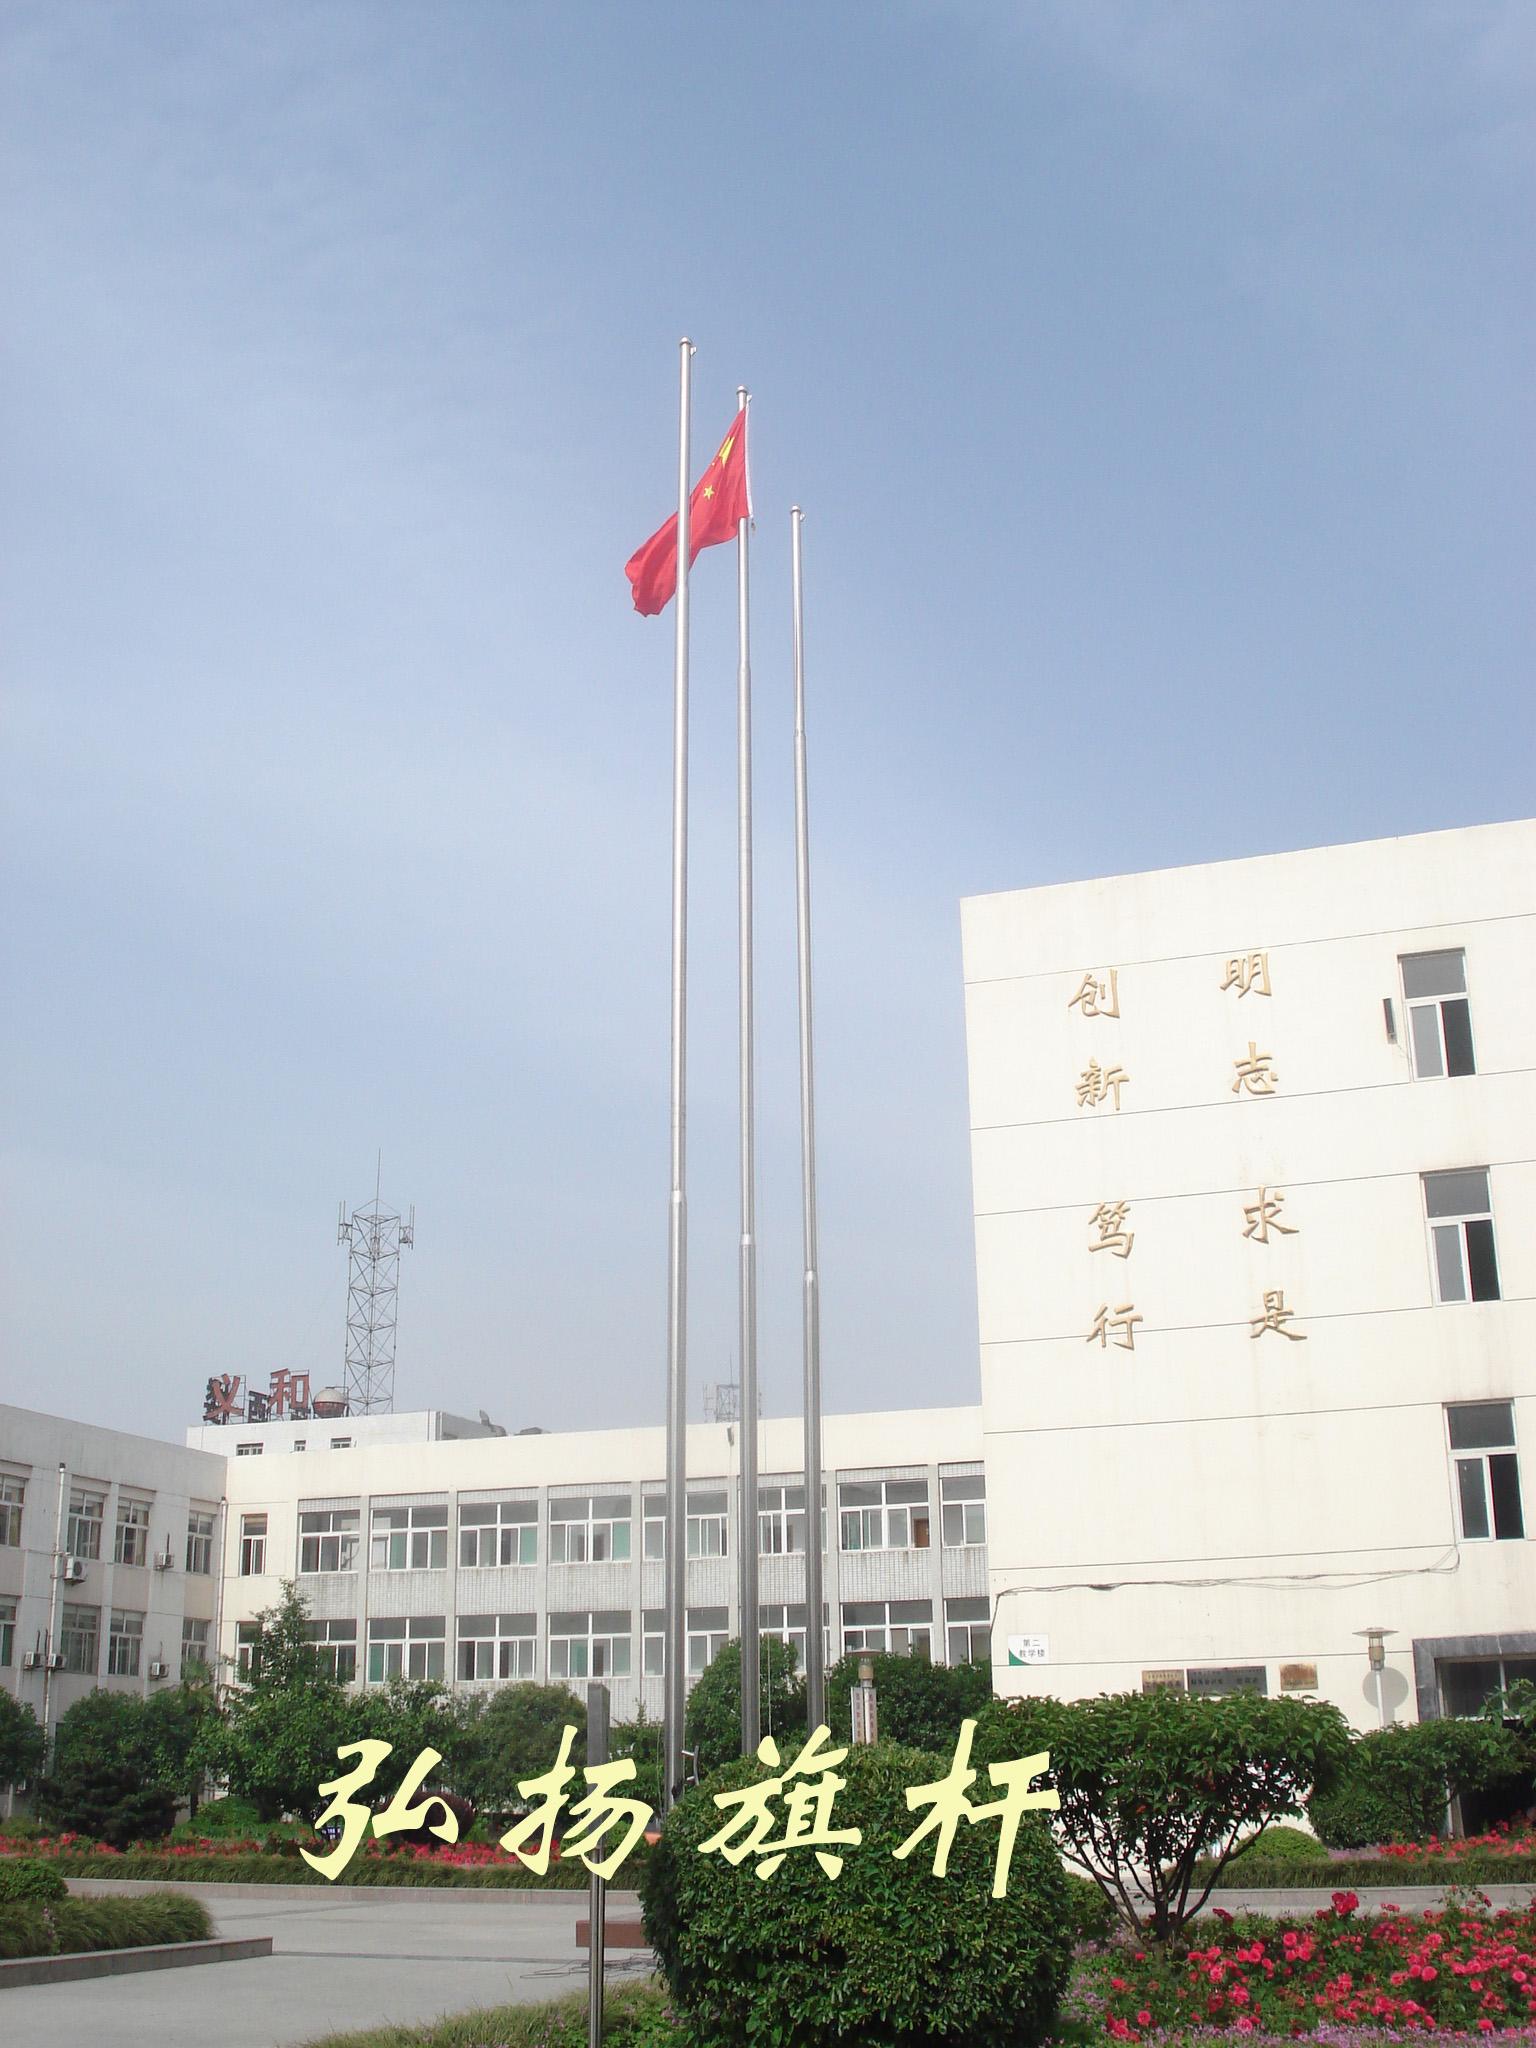 在滁州搜索旗杆厂家_滁州弘扬旗杆厂